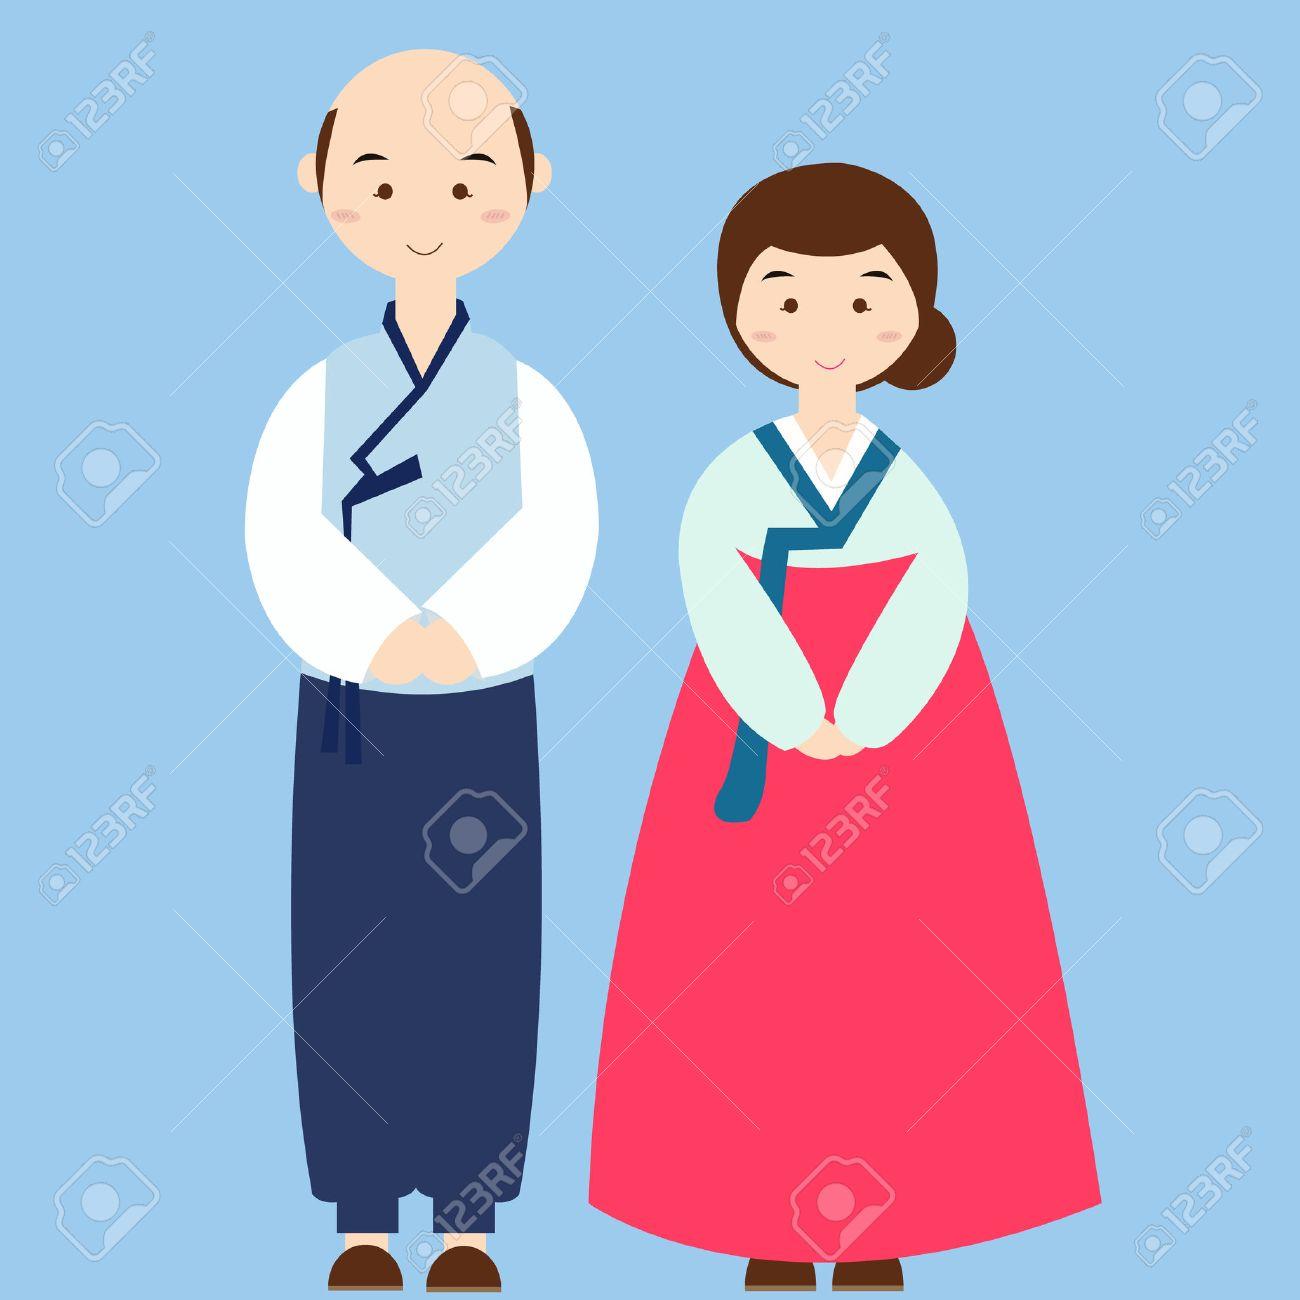 韓国の伝統的な服を着てカップル衣装アジア結婚式ドレス ロイヤリティ